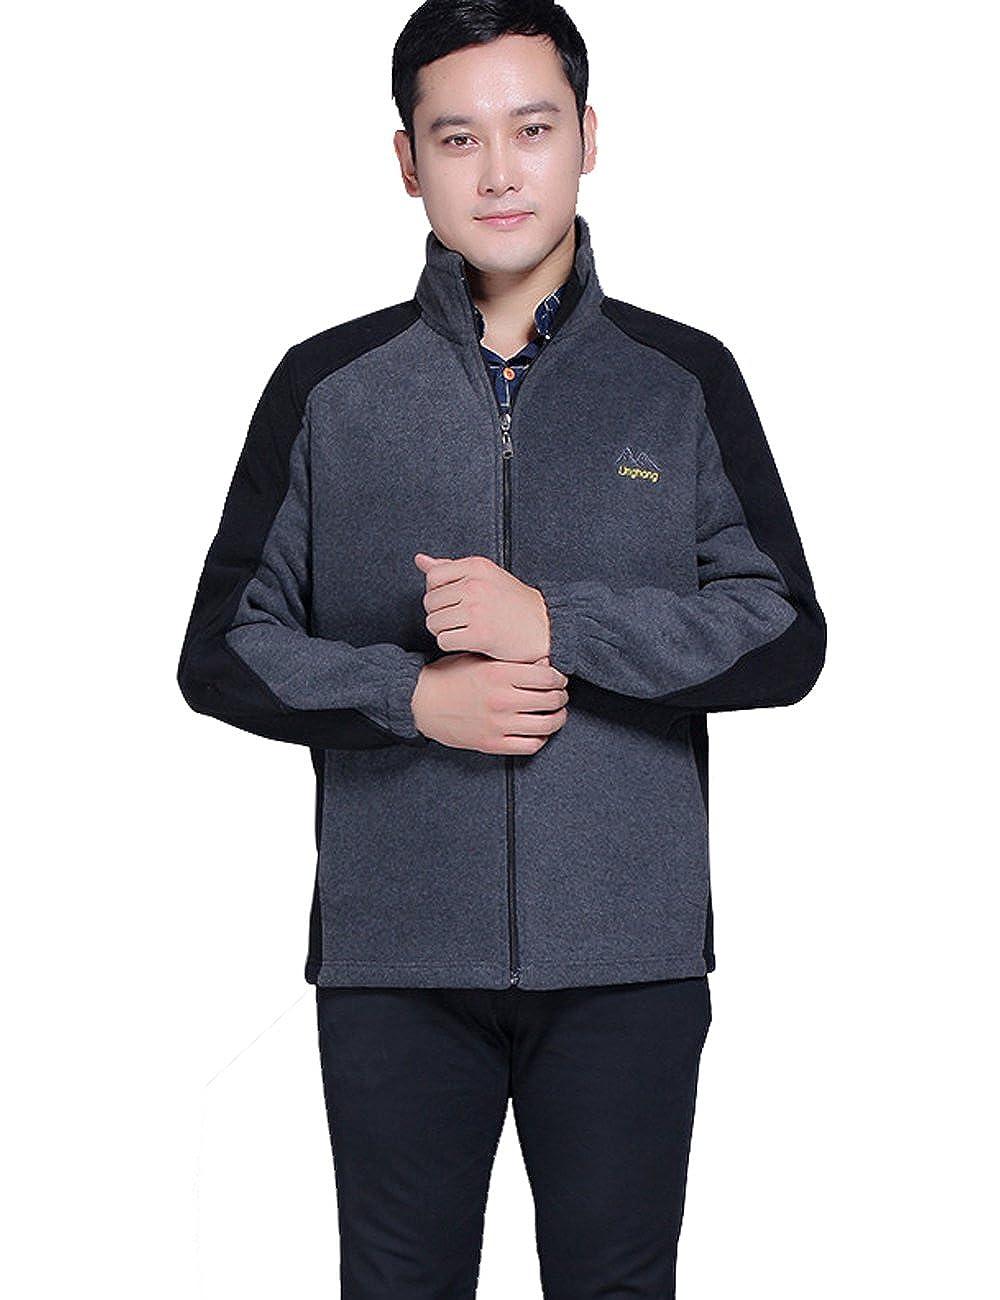 Zoulee Mens New Sportswear Polar Fleece Zipper Cardigan Coat Jacket